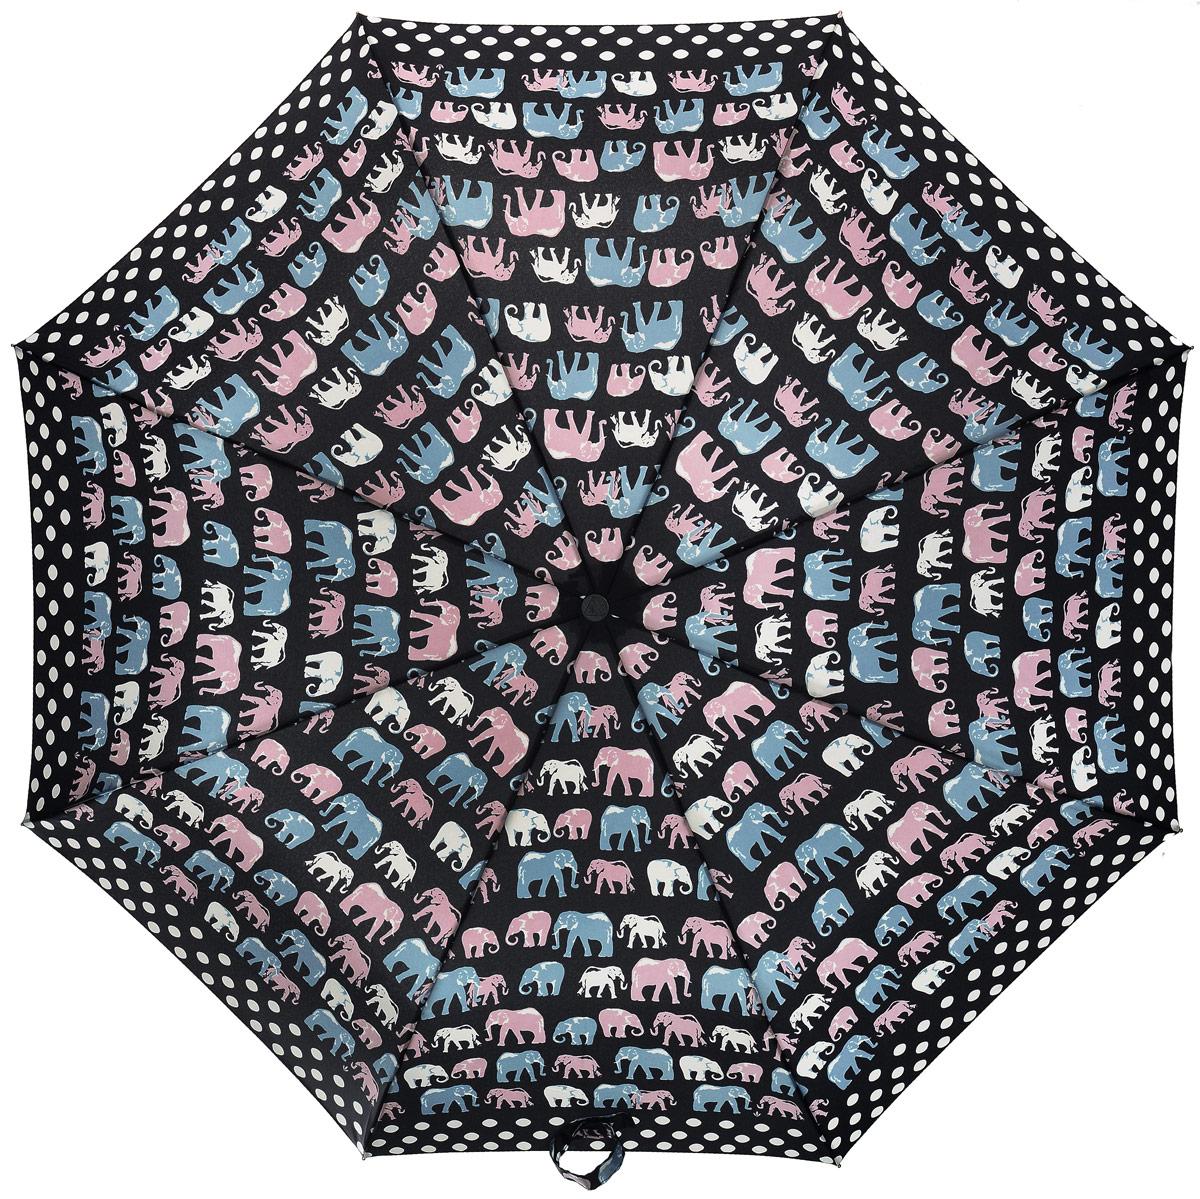 Зонт женский механика Fulton, расцветка: слон. L354-3034 MarchingElephantL354-3034 MarchingElephantЗамечательный, необыкновенно компактный зонт. Запатентованная безопасная технология замка. Уникальный супер-прочный. Увеличенный купол Длина в сложенном виде 25 см. Диаметр купола 96 см.